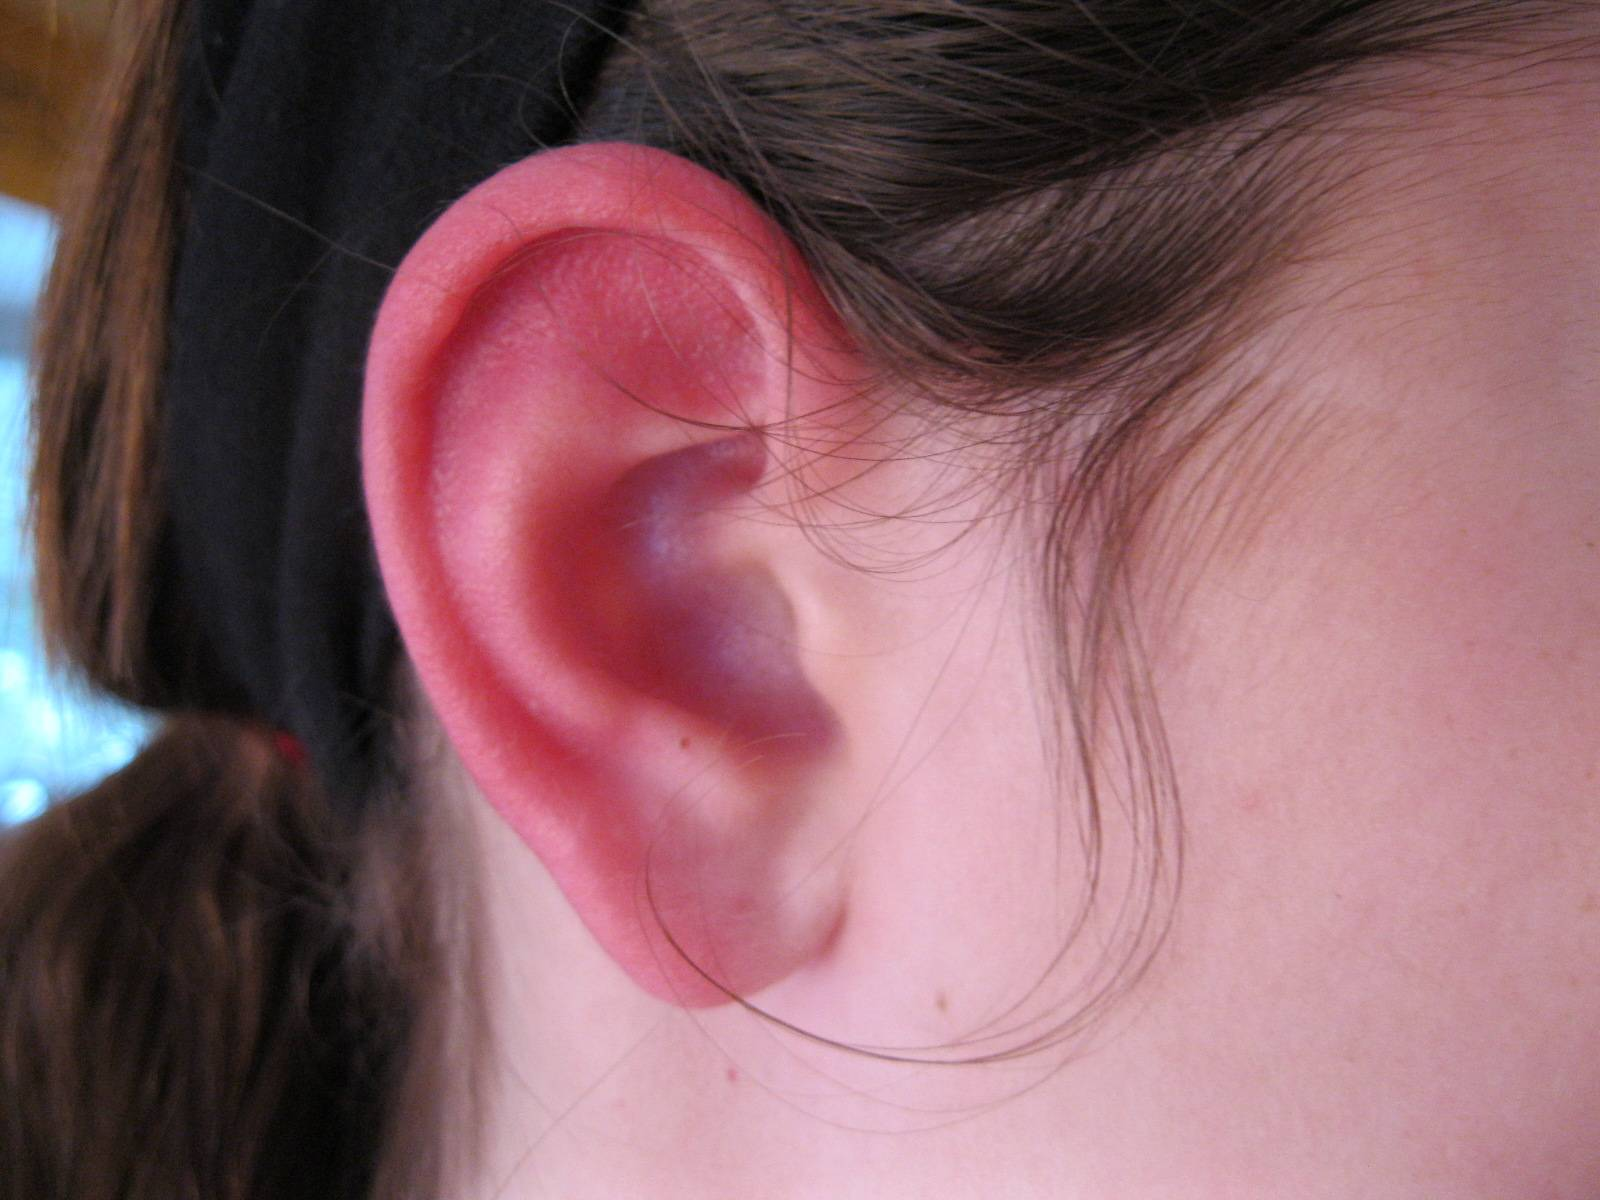 У ребёнка опухли и покраснели уши: что это может значить - возможные причины